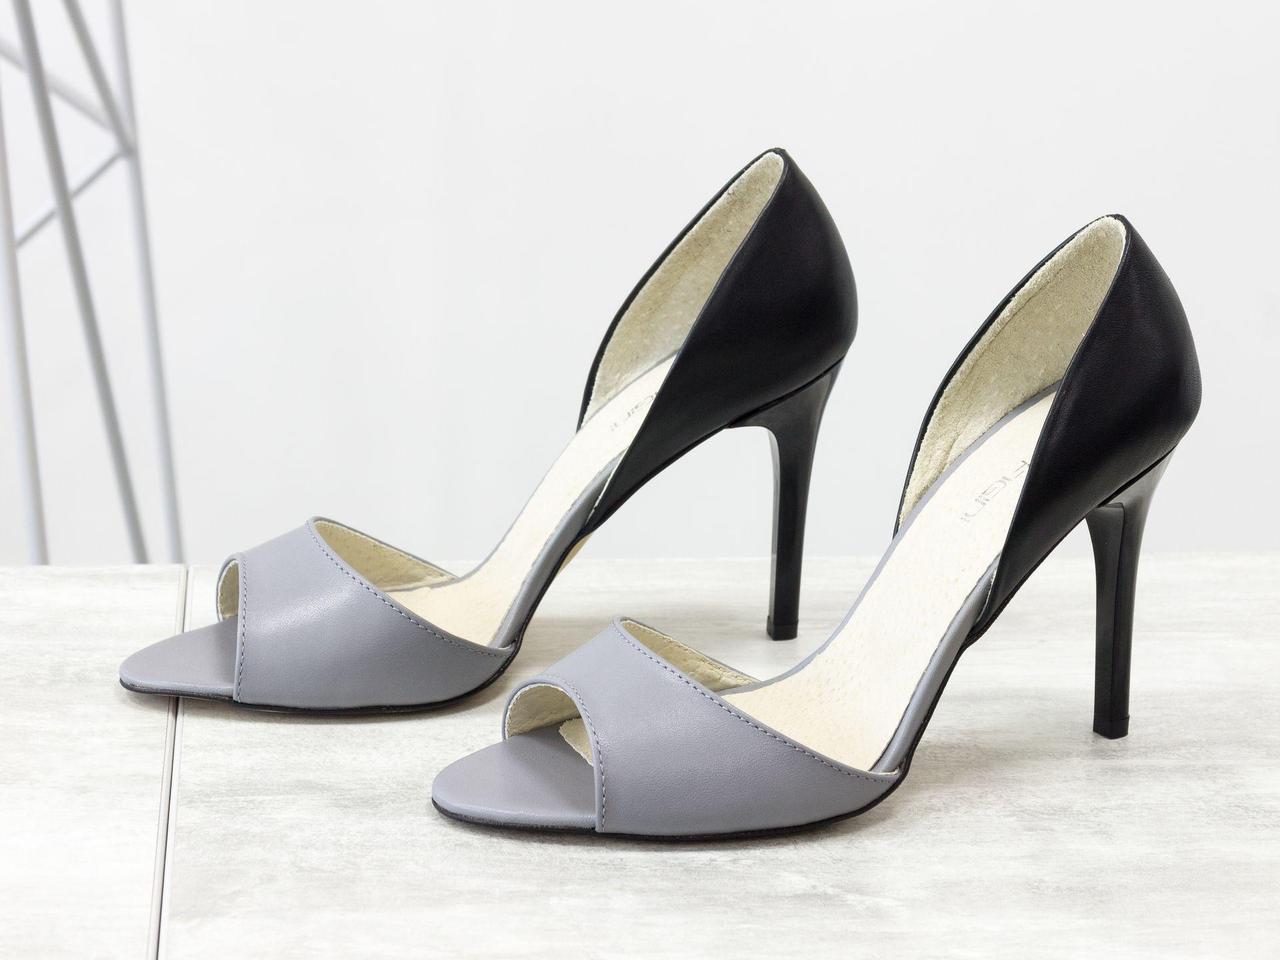 Летние туфли с открытым носиком из натуральной кожи серого и черного цвета на каблуке - шпилька